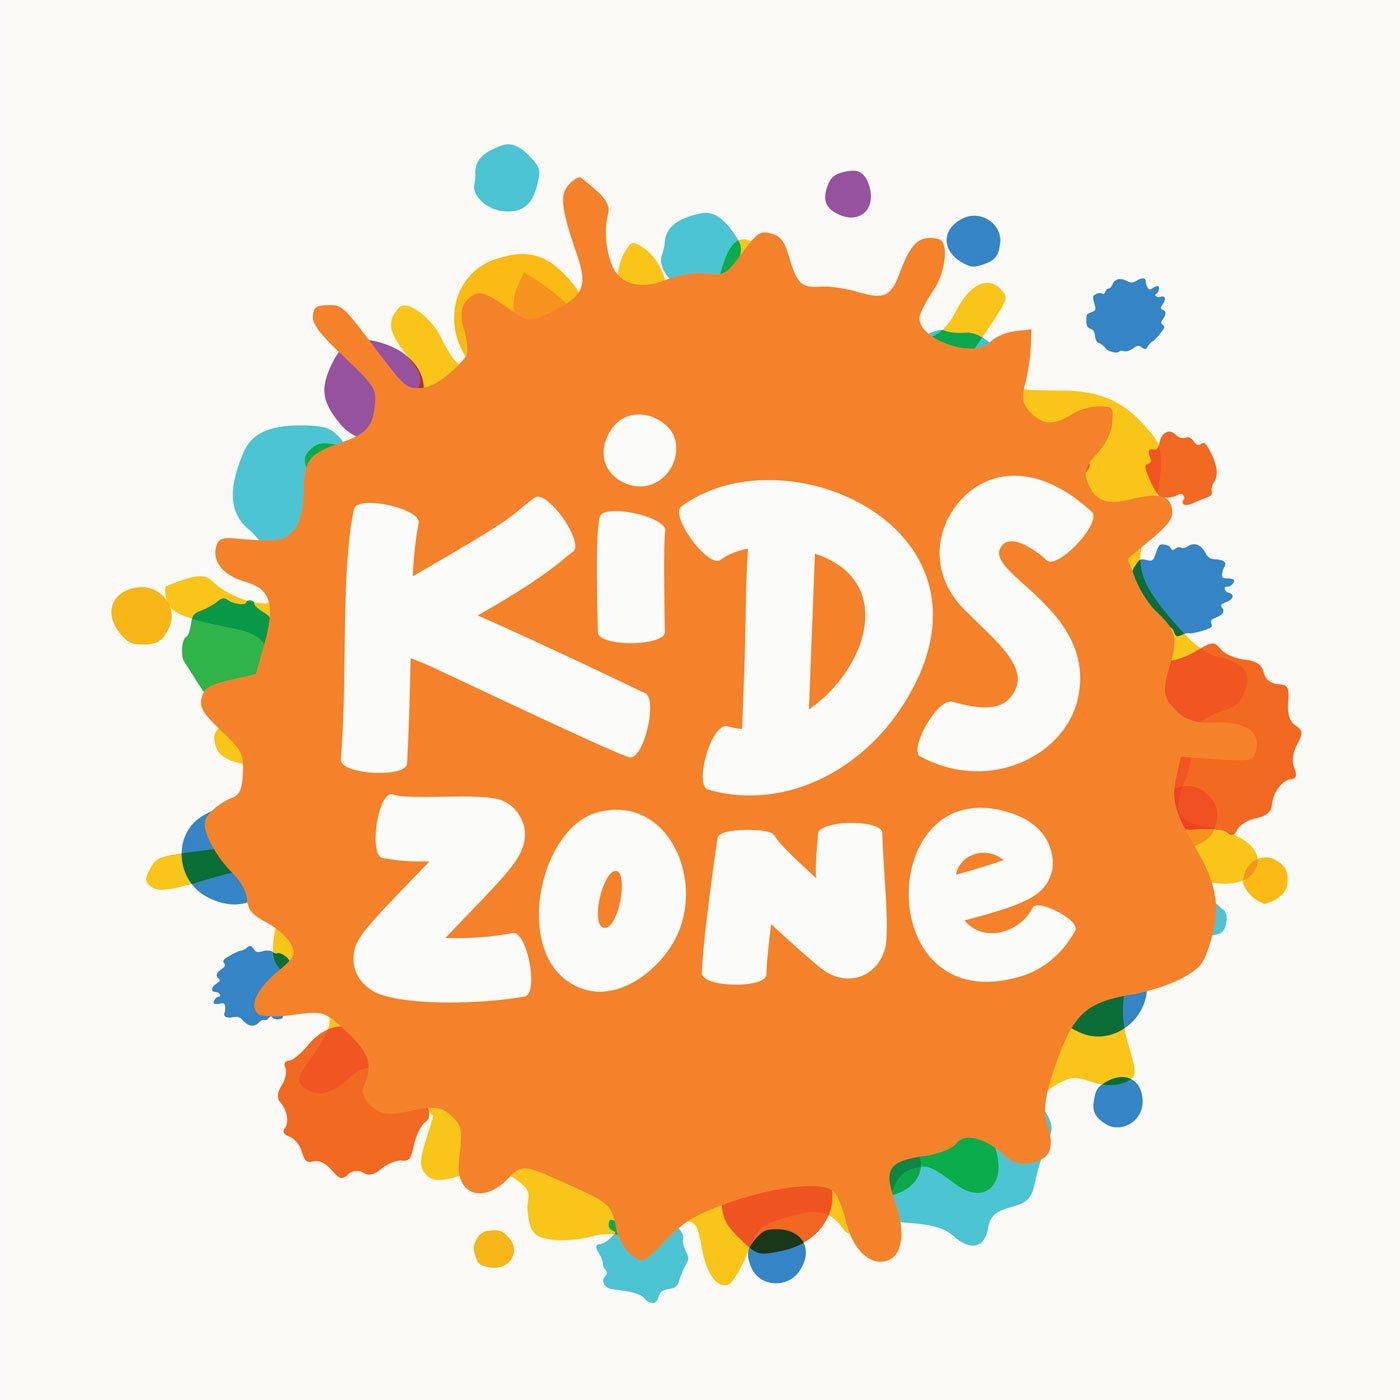 Kids zone banner